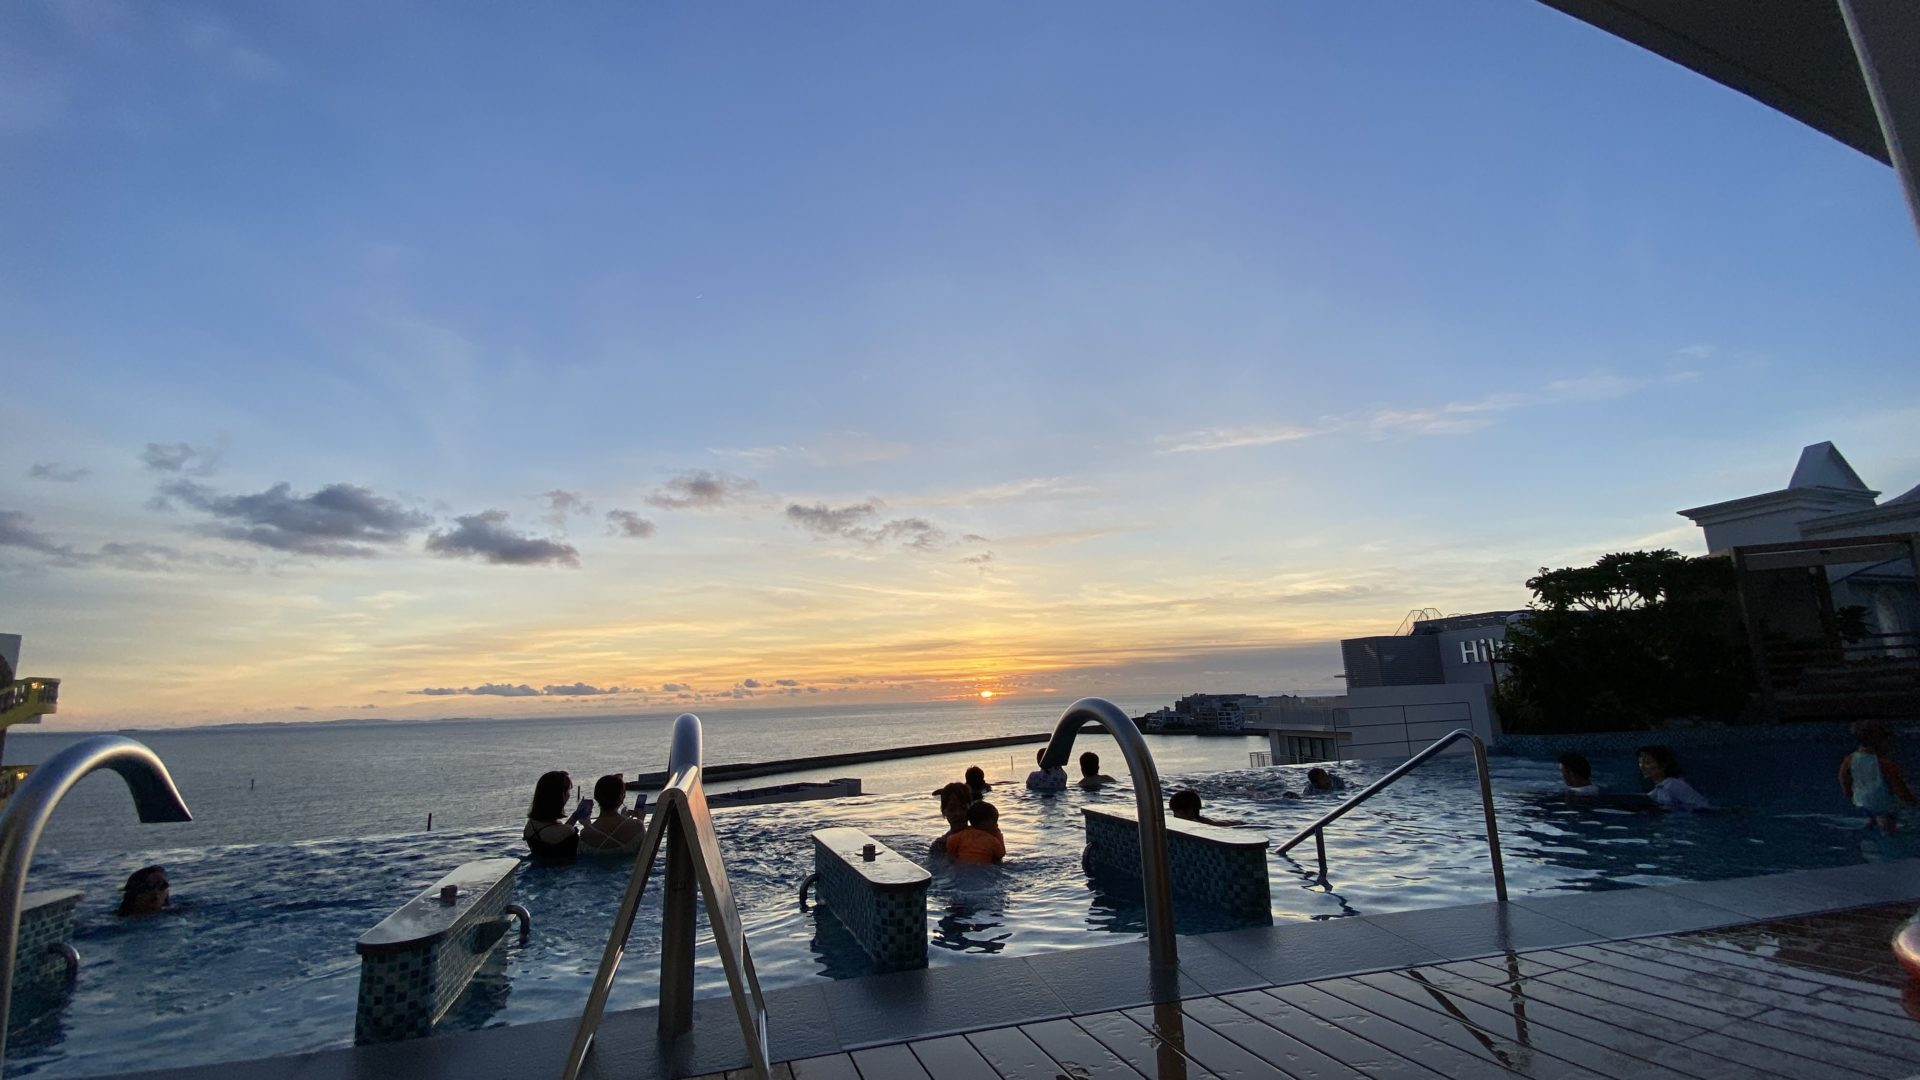 【GoToトラベル沖縄旅行】まるで天国!レクー沖縄北谷スパ&リゾート宿泊レポート。